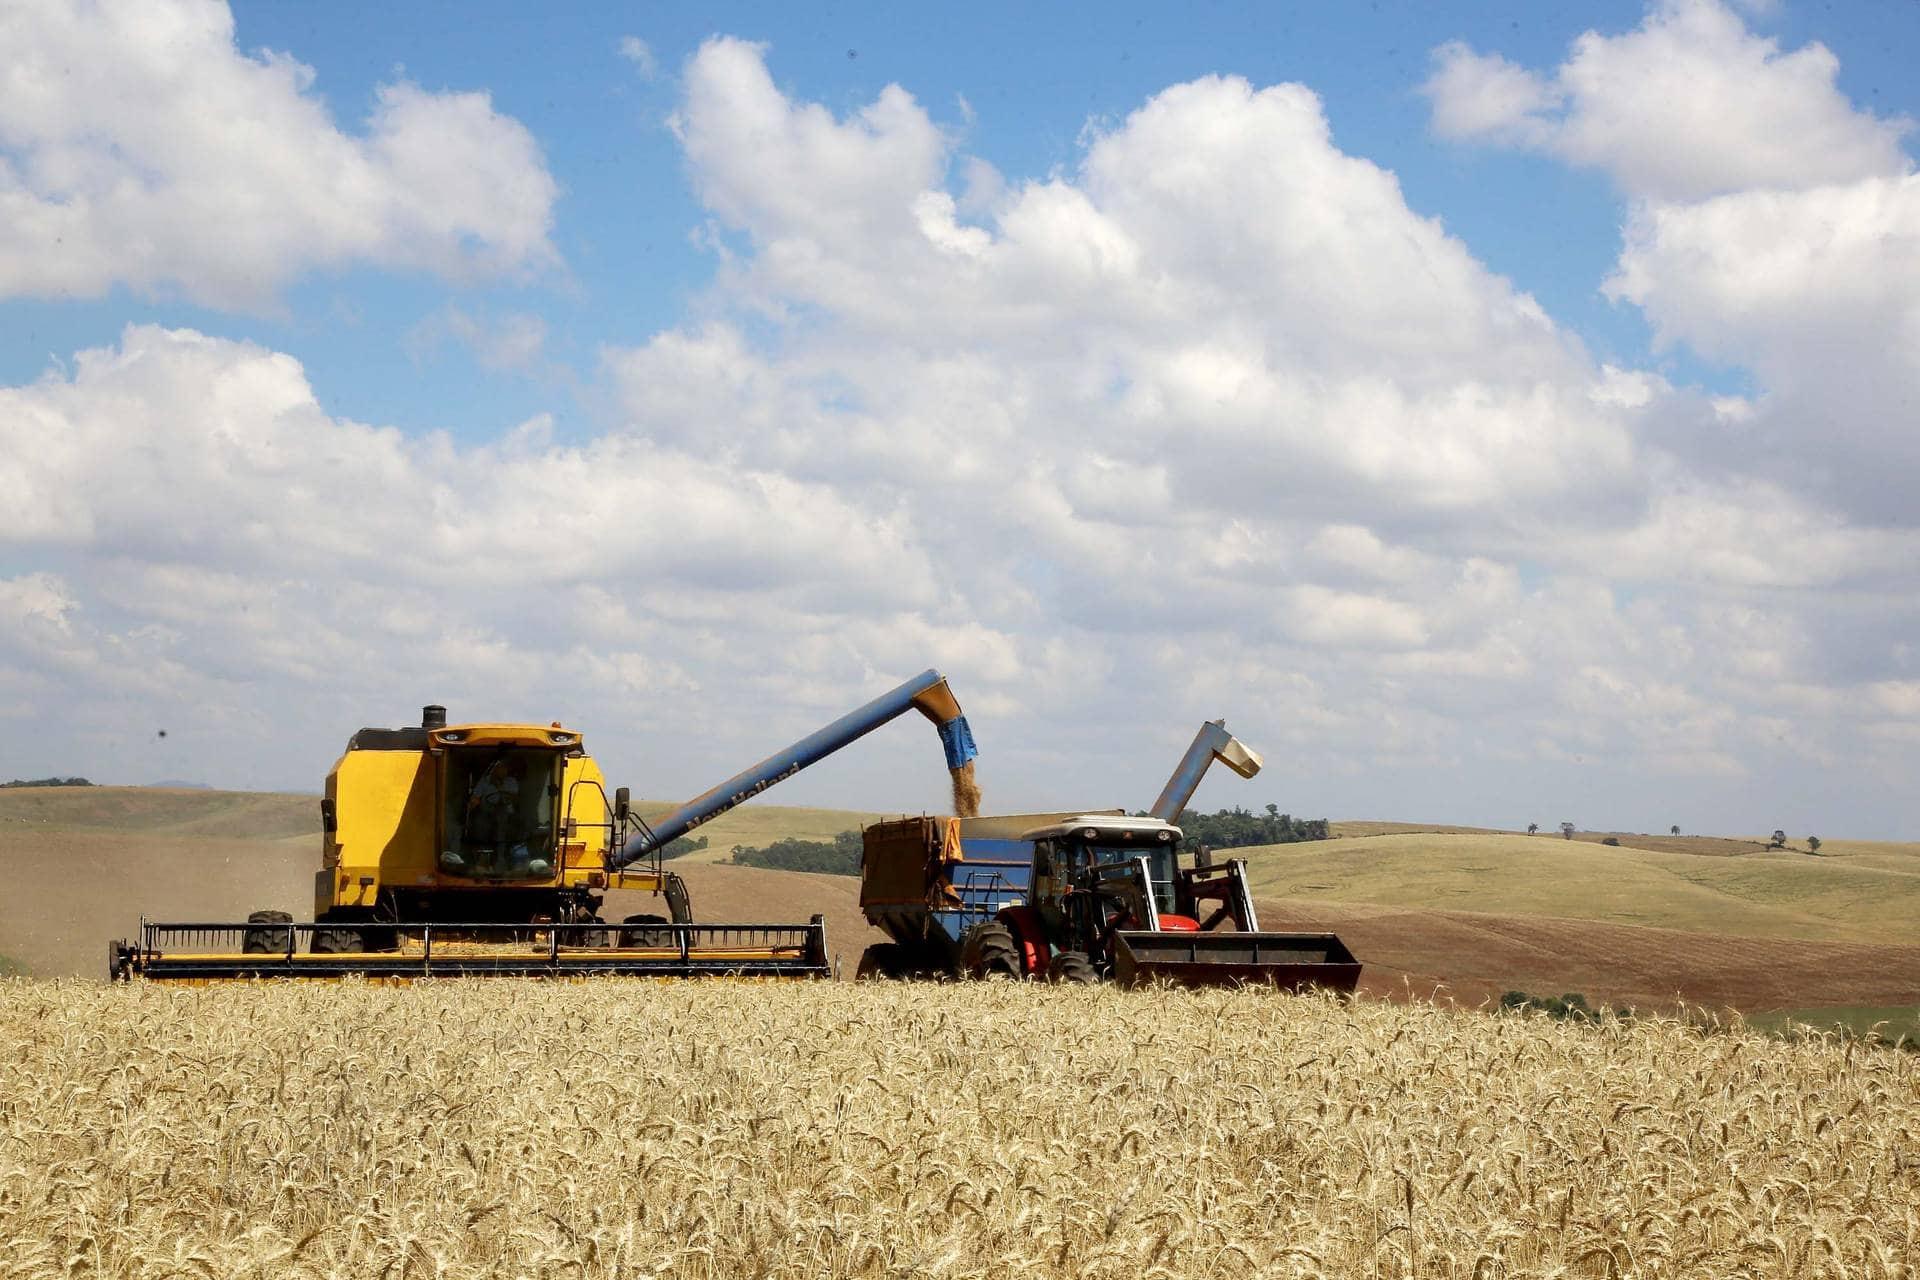 Plantio está quase concluído. A estiagem e o calor de setembro e outubro podem provocar ainda algum impacto na produtividade, prevê Secretaria da Agricultura e do Abastecimento.